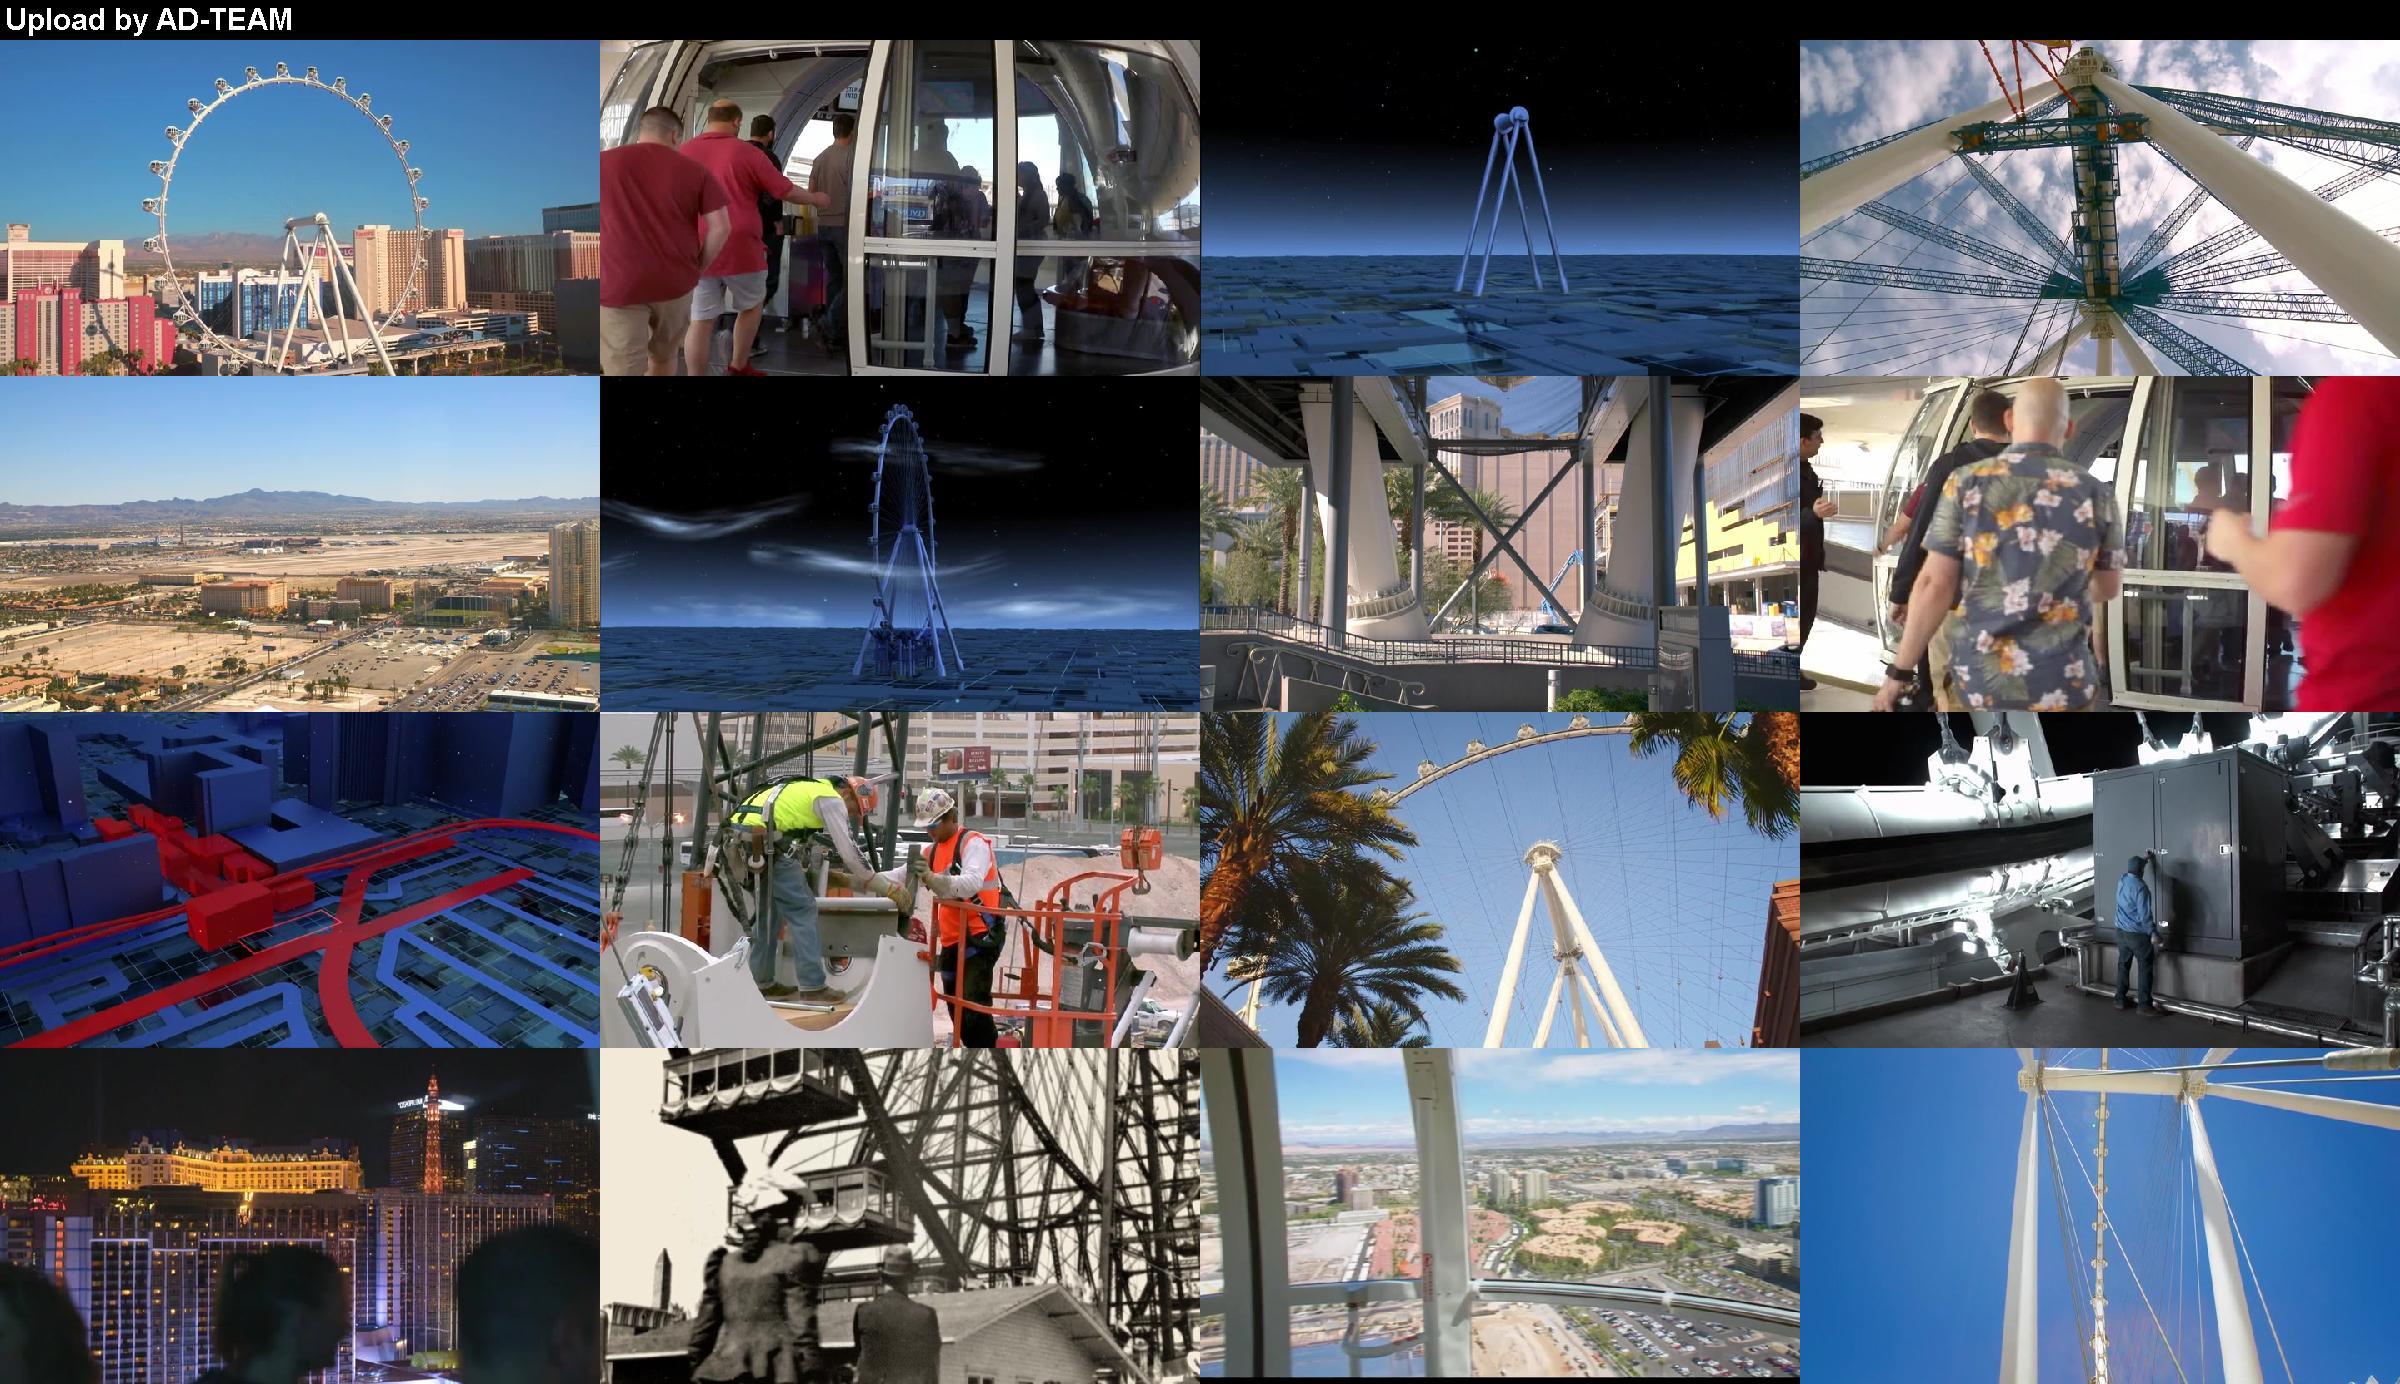 Building Giants S02e04 Vegas High Roller Webrip X264-caffeine